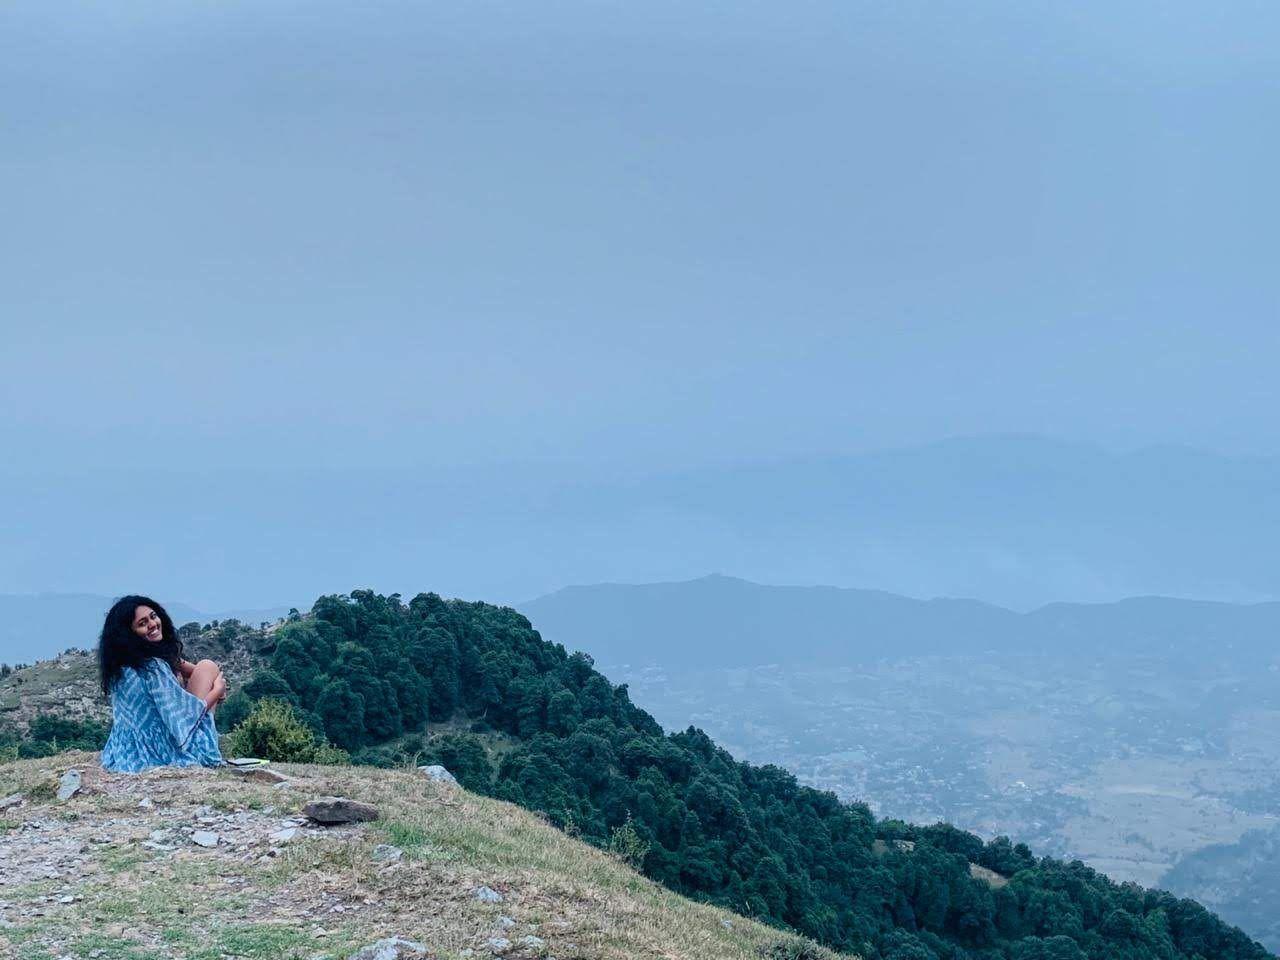 Camping in Bir Billing, Himachal Pradesh